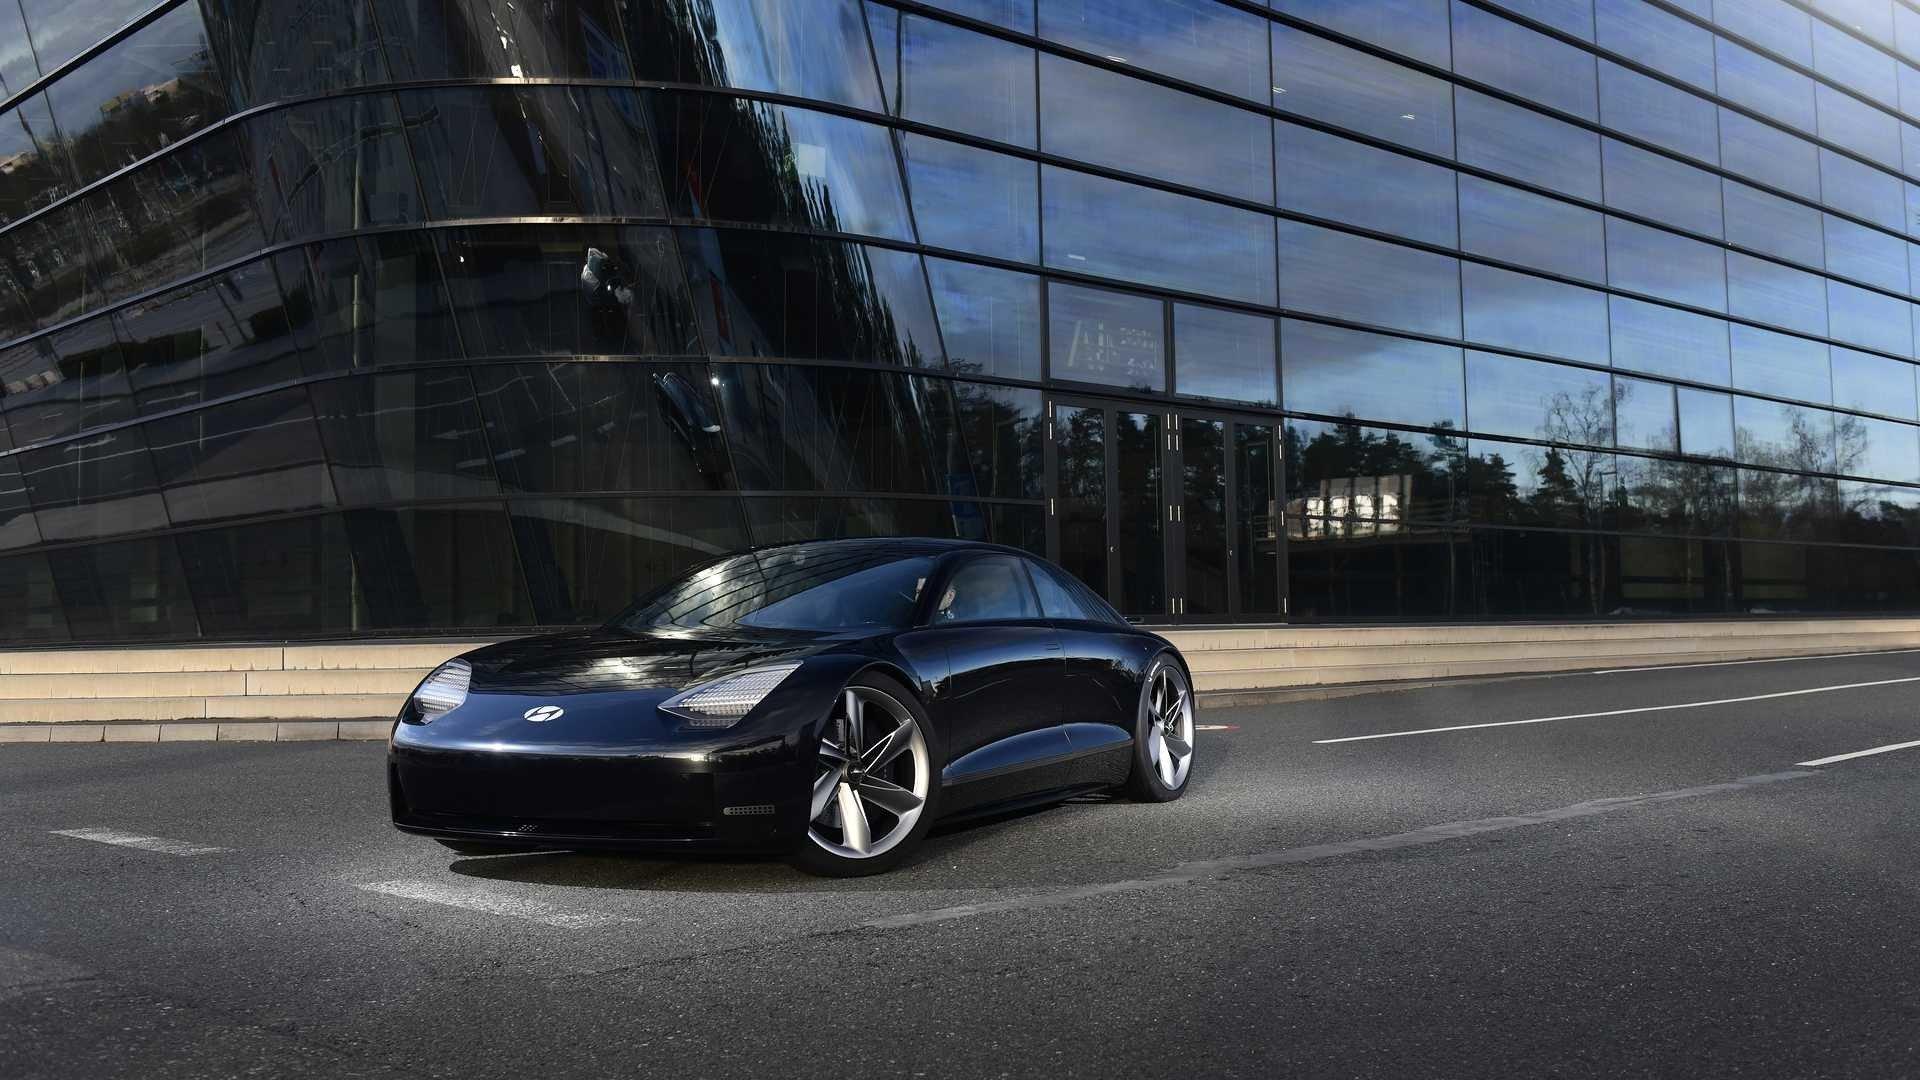 Електроседан Hyundai Ioniq 6 показали на першому зображенні